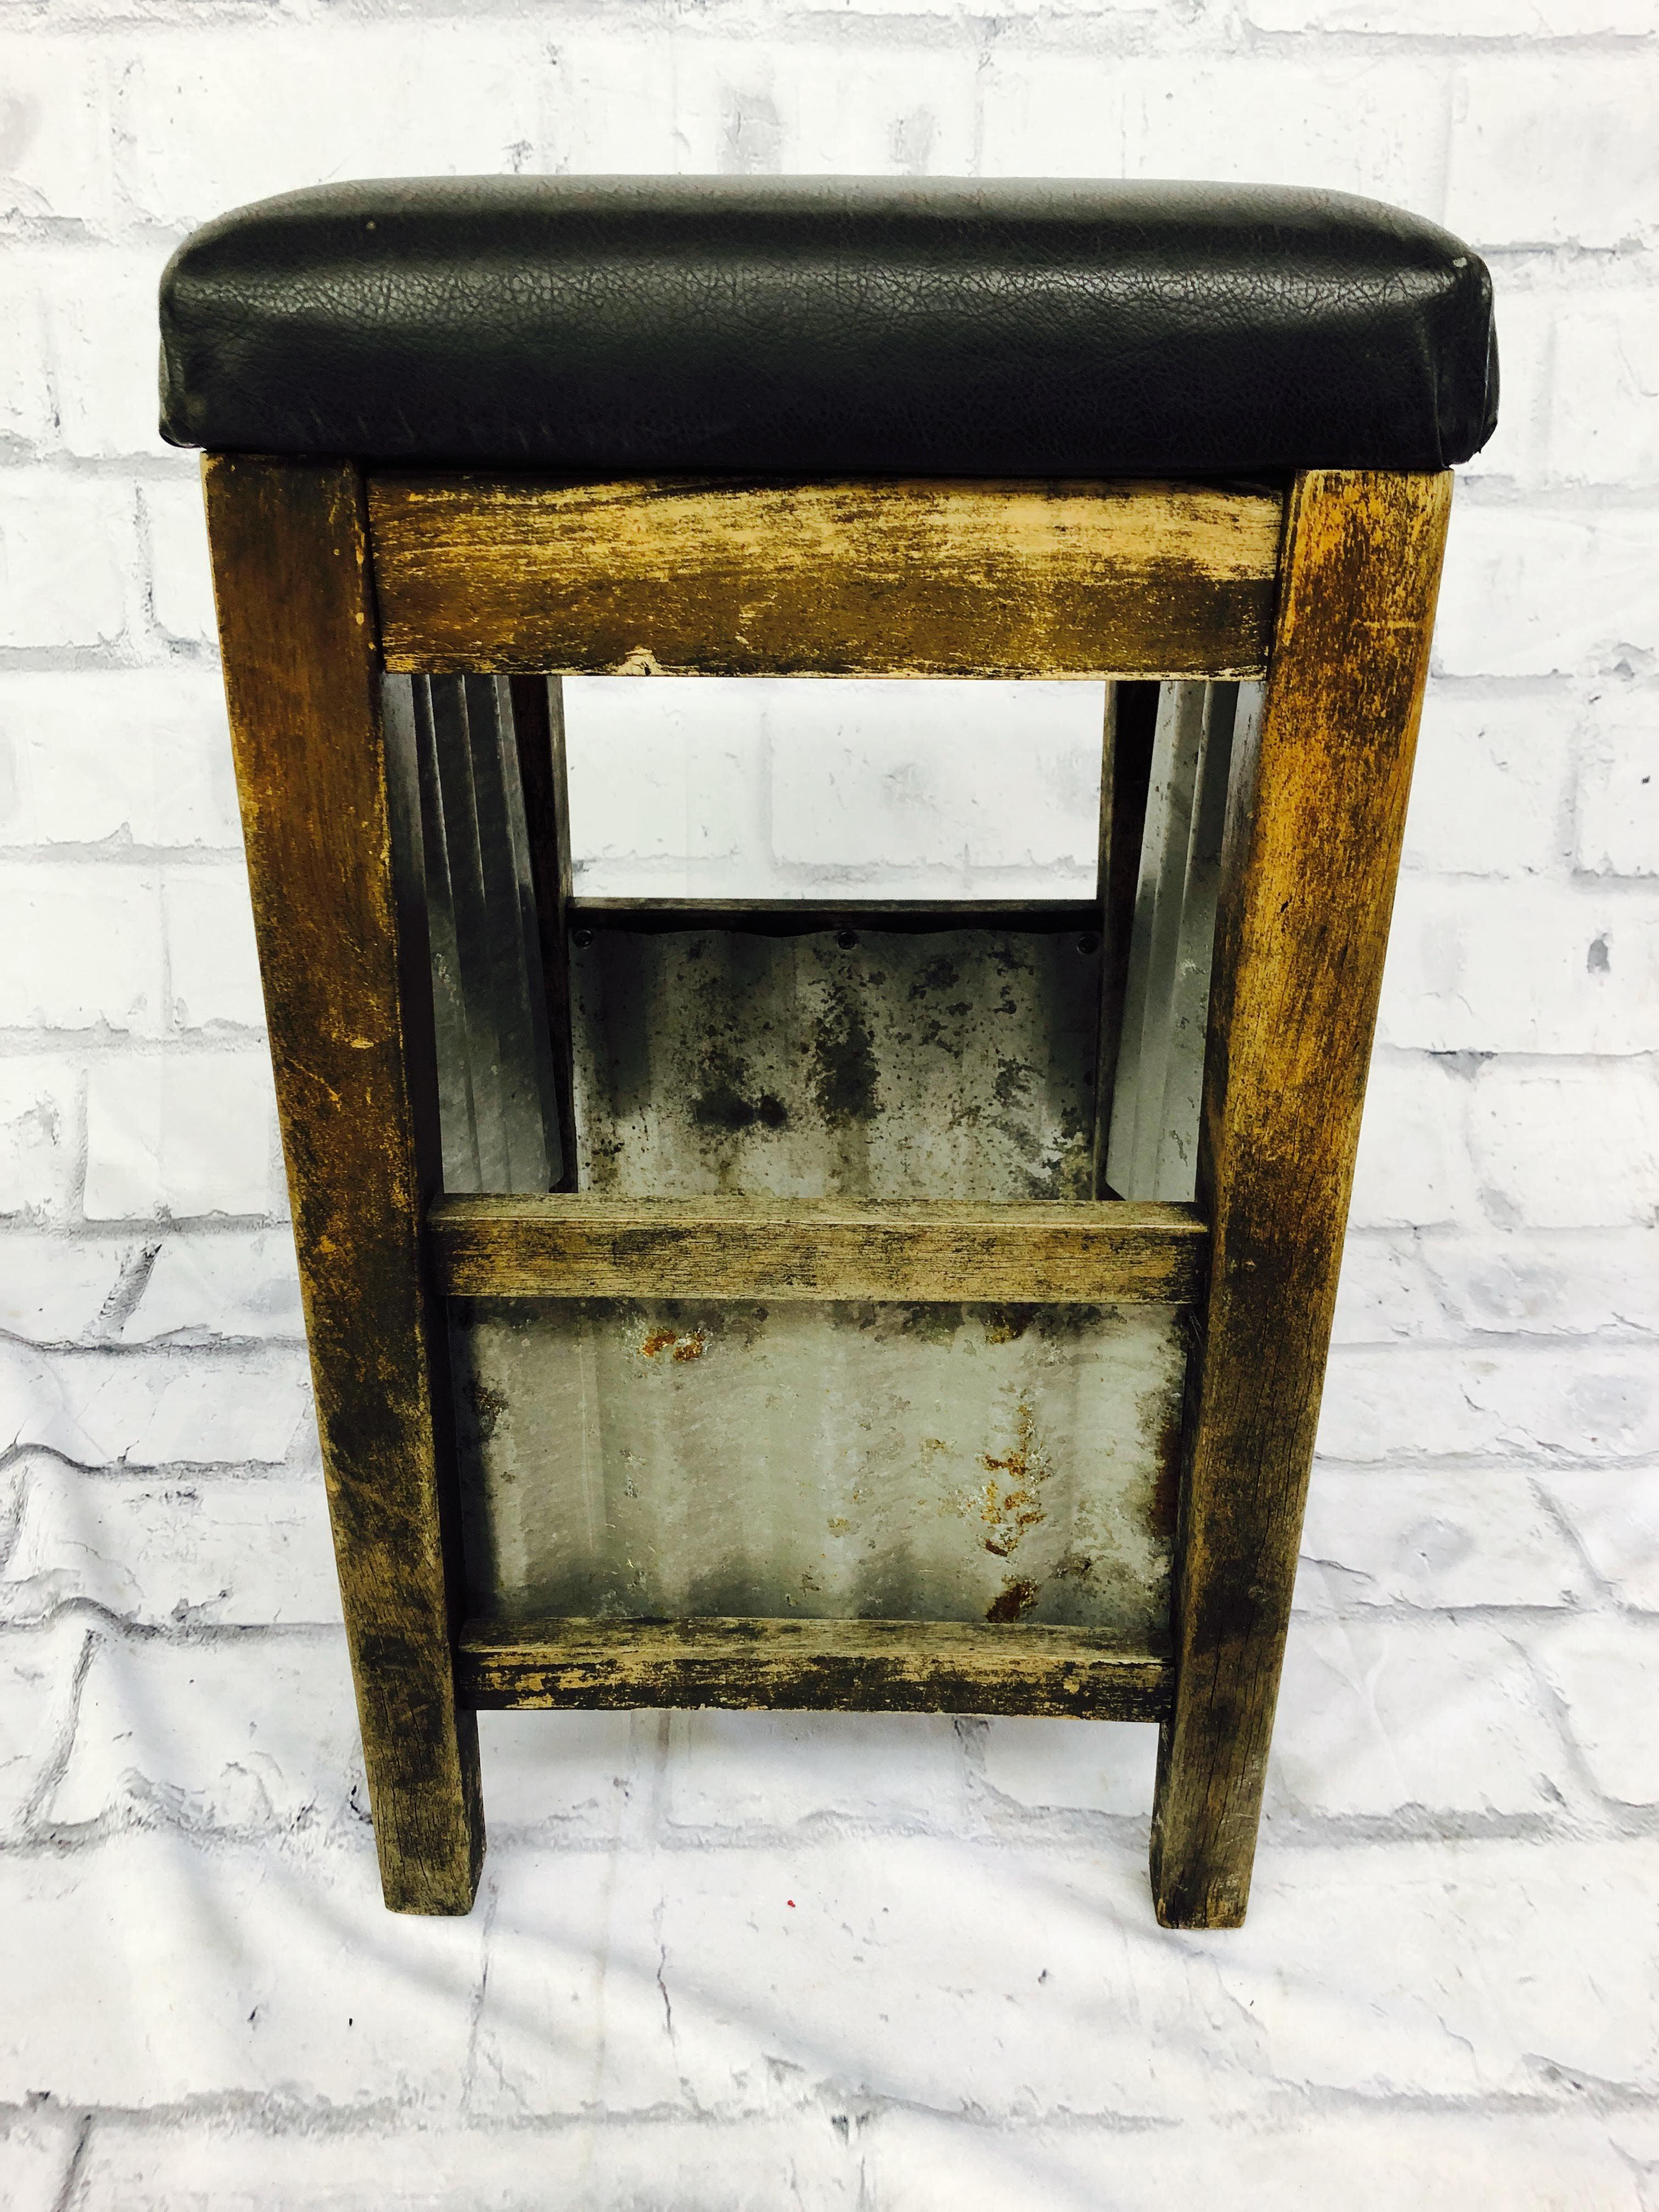 品番1416 創作 インダストリアルスツール チェア 椅子 ブラック インテリア ディスプレイ アンティーク